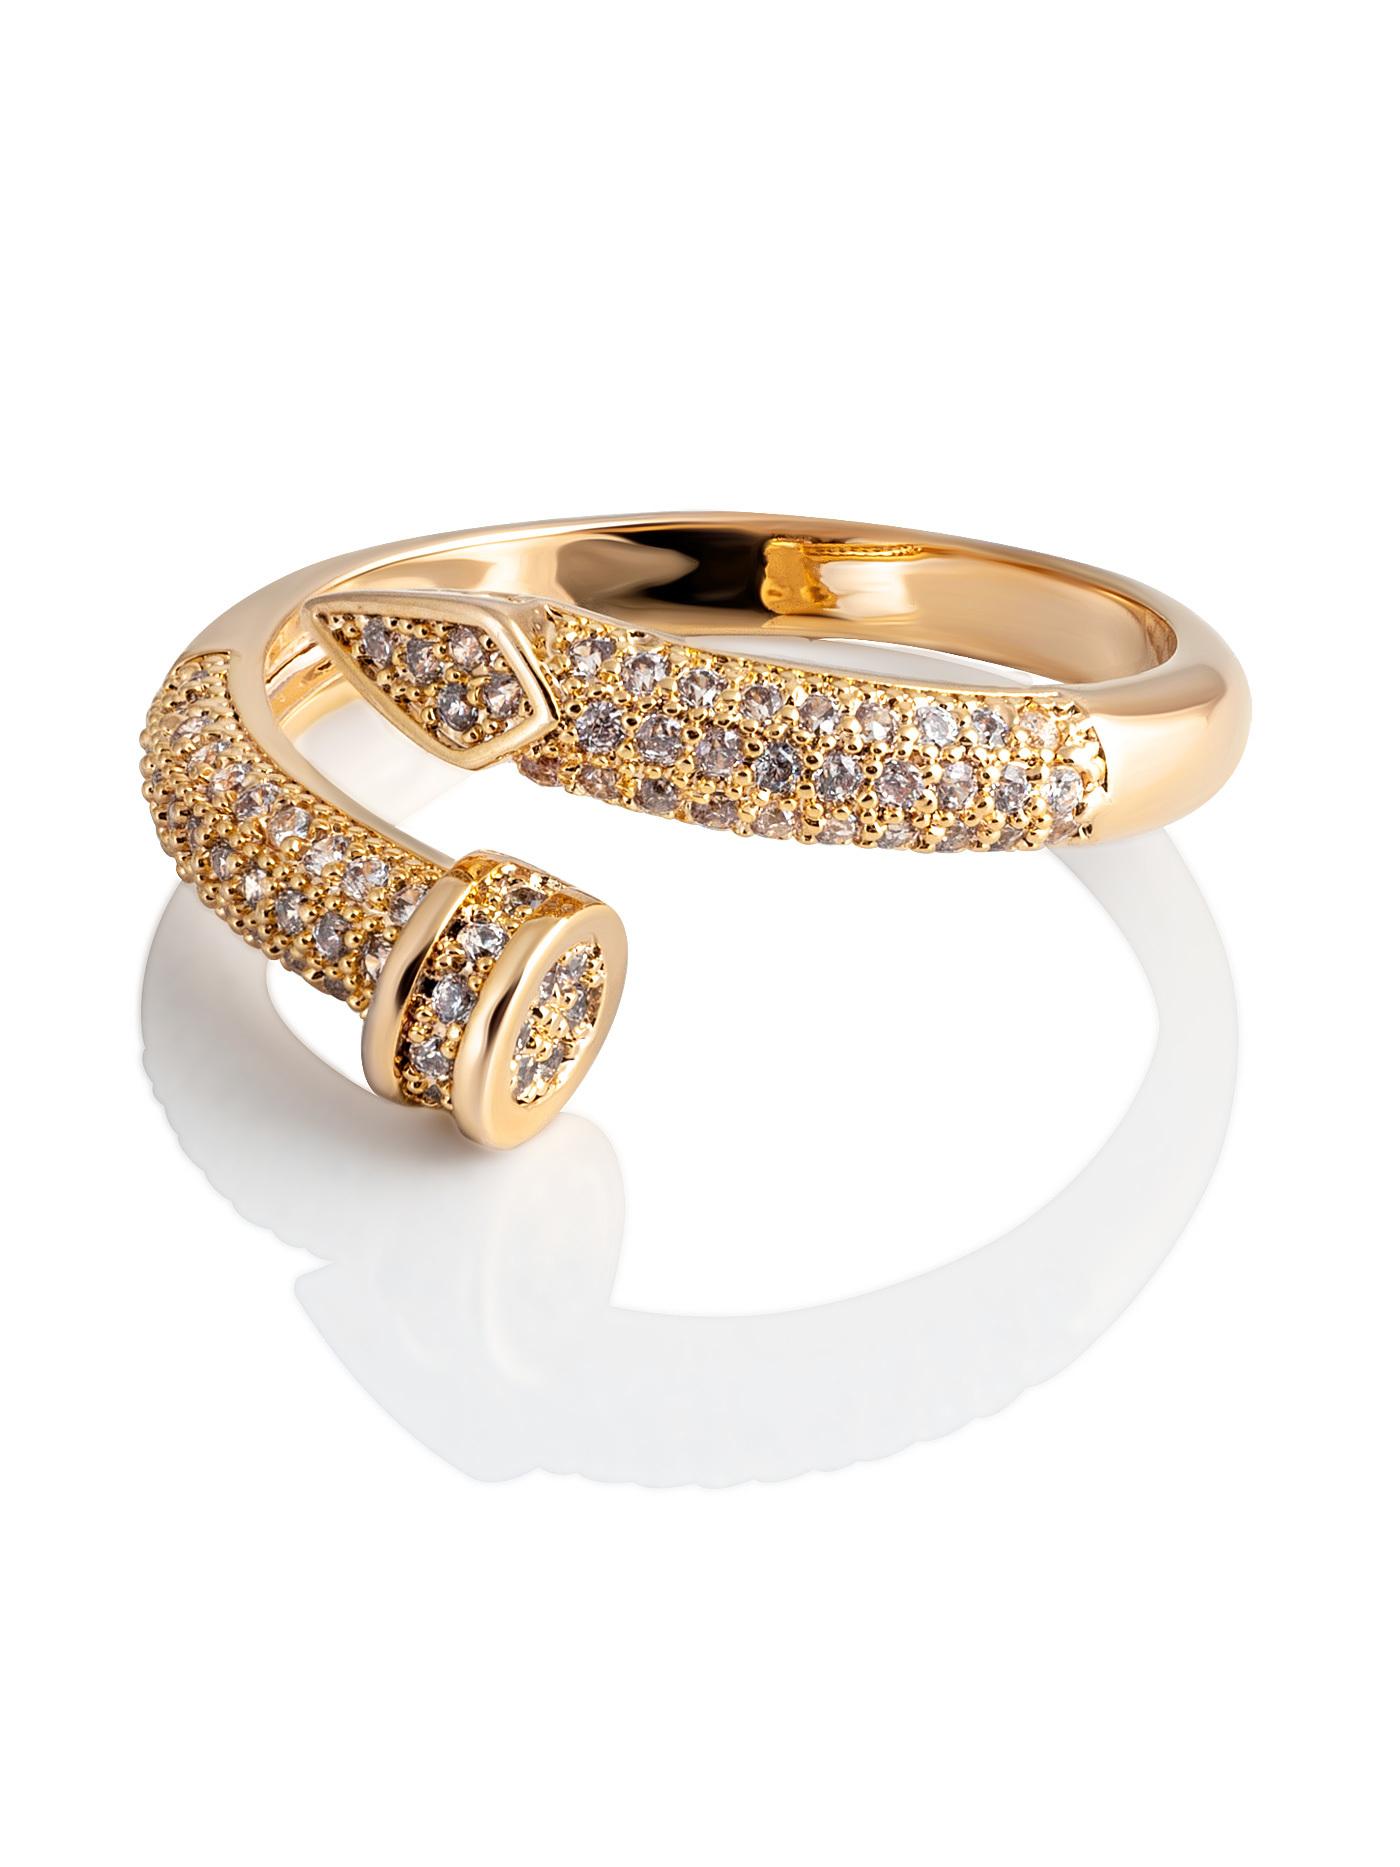 Дизайнерское кольцо Гвоздь с фианитами в подарочной коробке